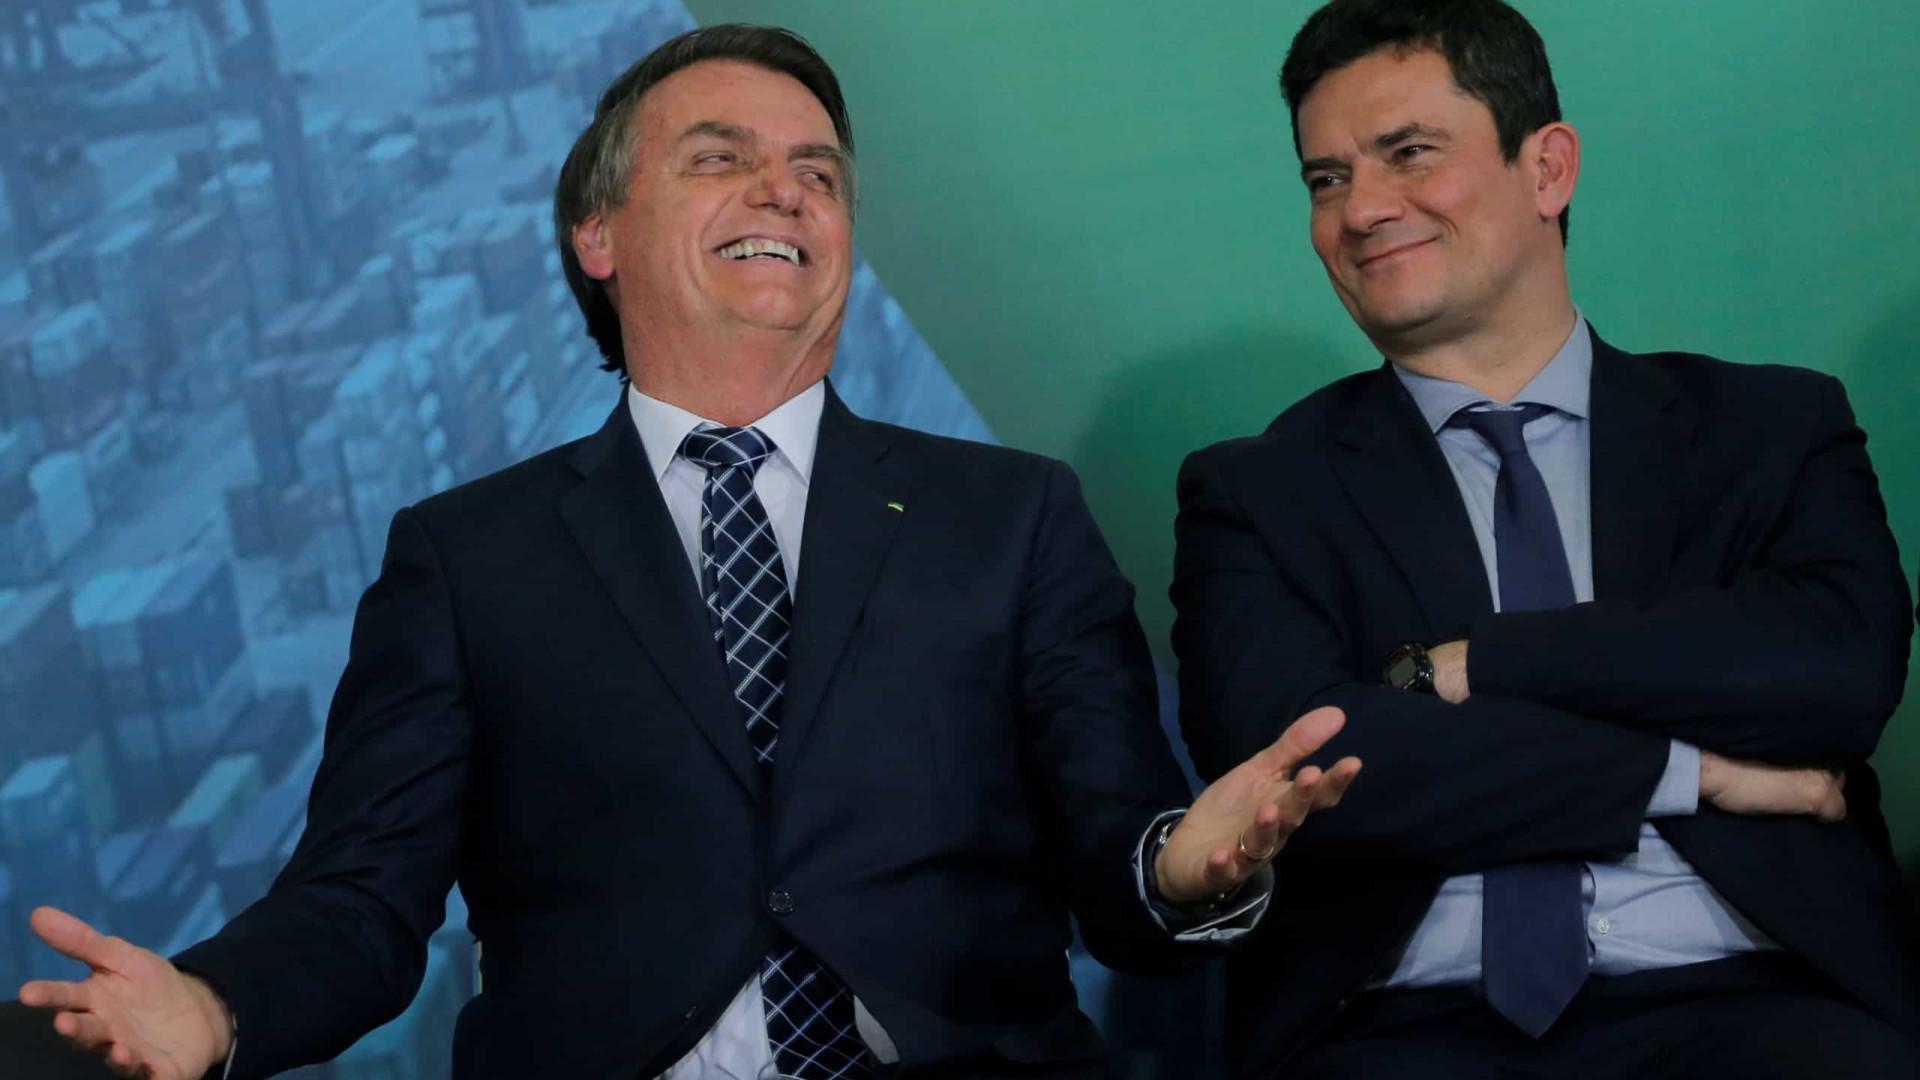 Após Moro divulgar conversas, Bolsonaro diz que o apoiou vazamento